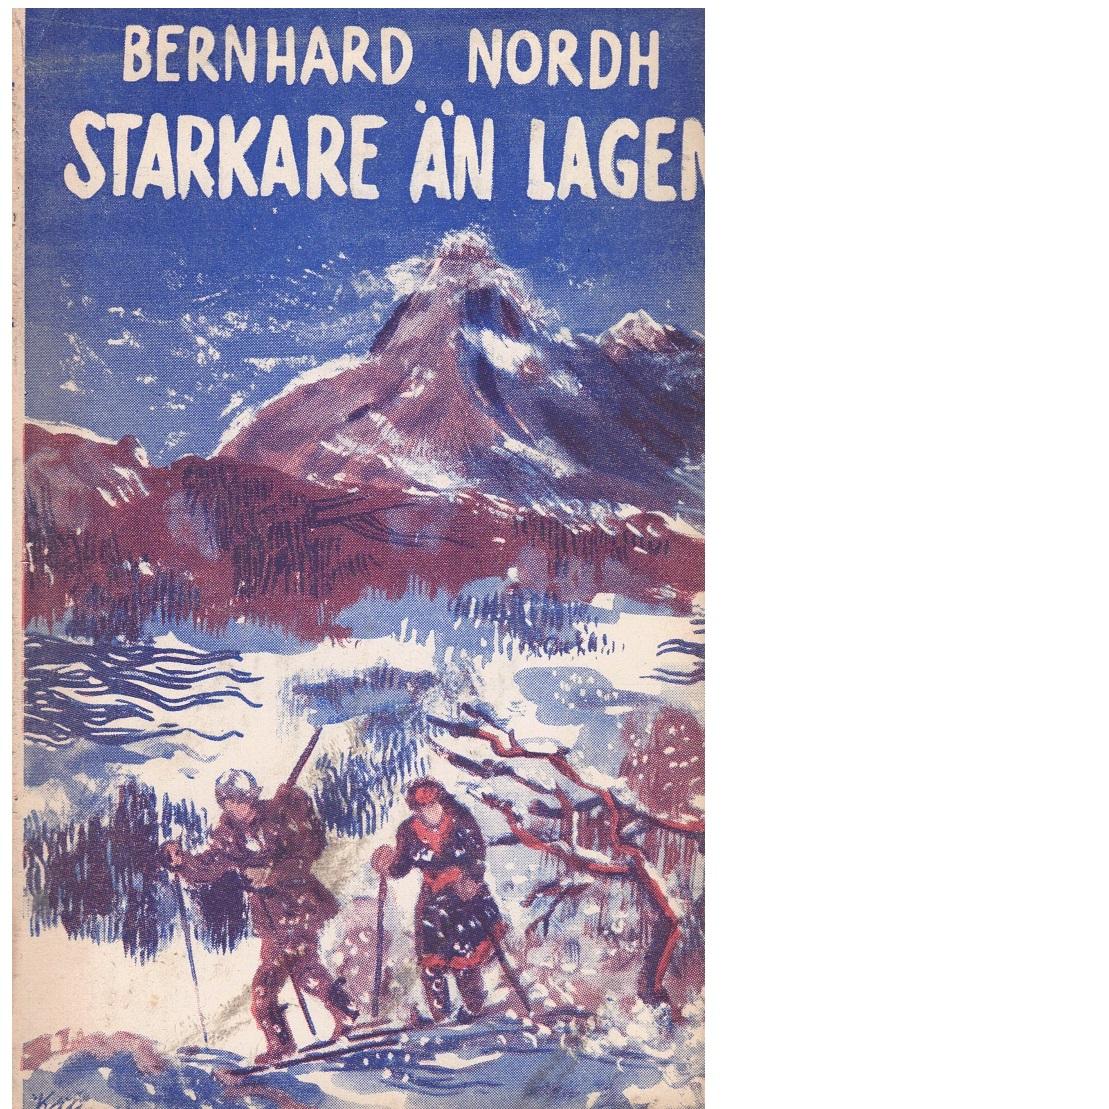 Starkare än lagen - Nordh, Bernhard